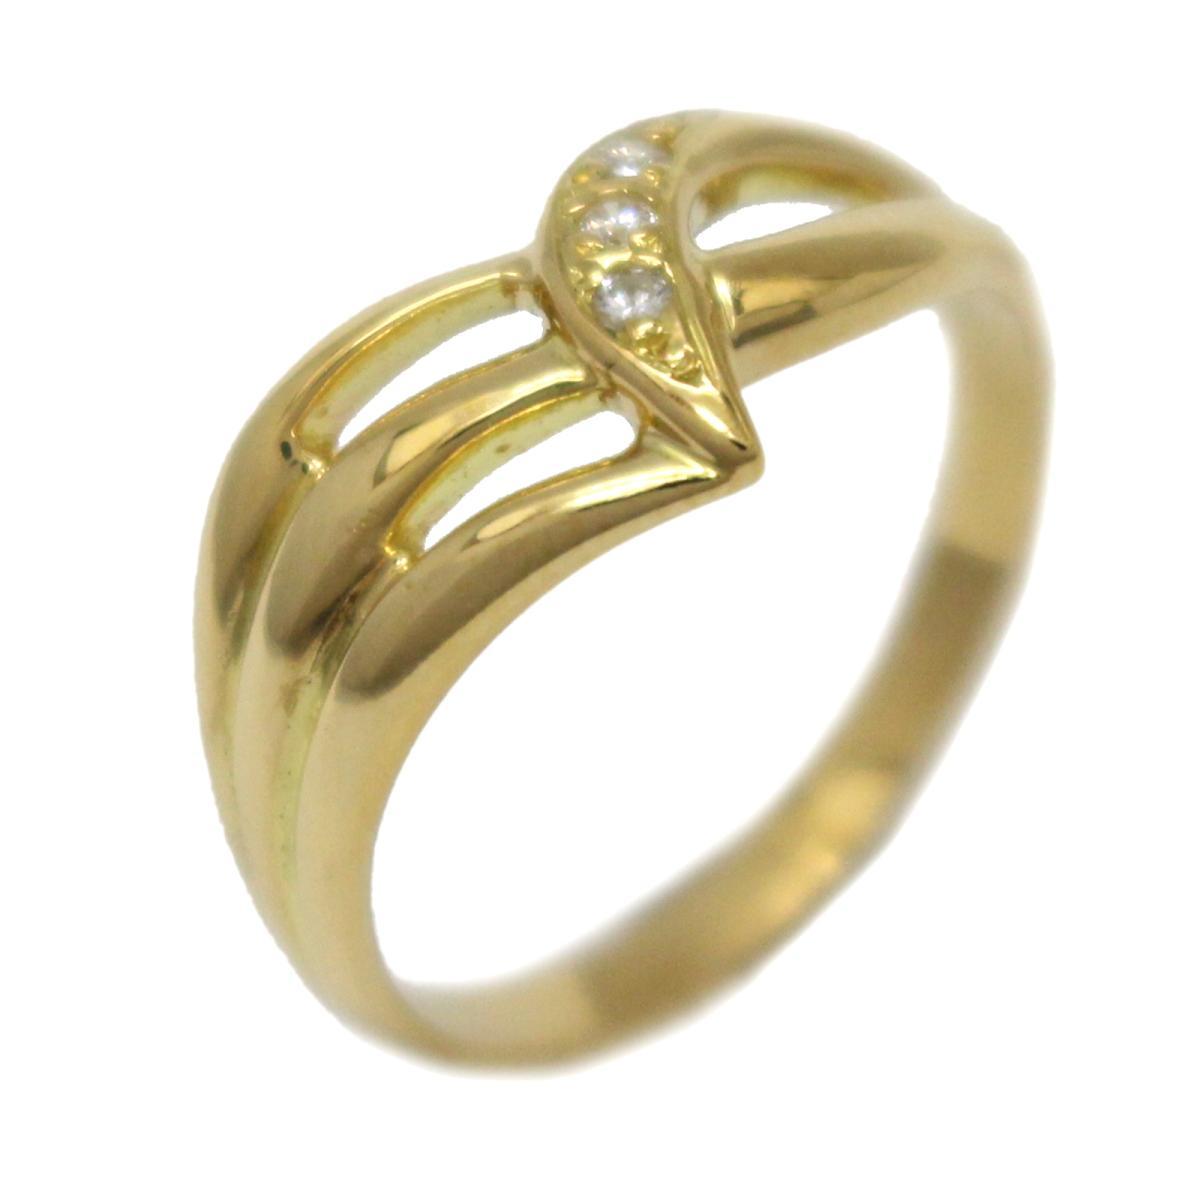 ジュエリー ダイヤモンド リング 指輪 ノーブランドジュエリー レディース K18YG (750) イエローゴールドダイヤモンド (0.03ct) 【中古】 | JEWELRY BRANDOFF ブランドオフ アクセサリー